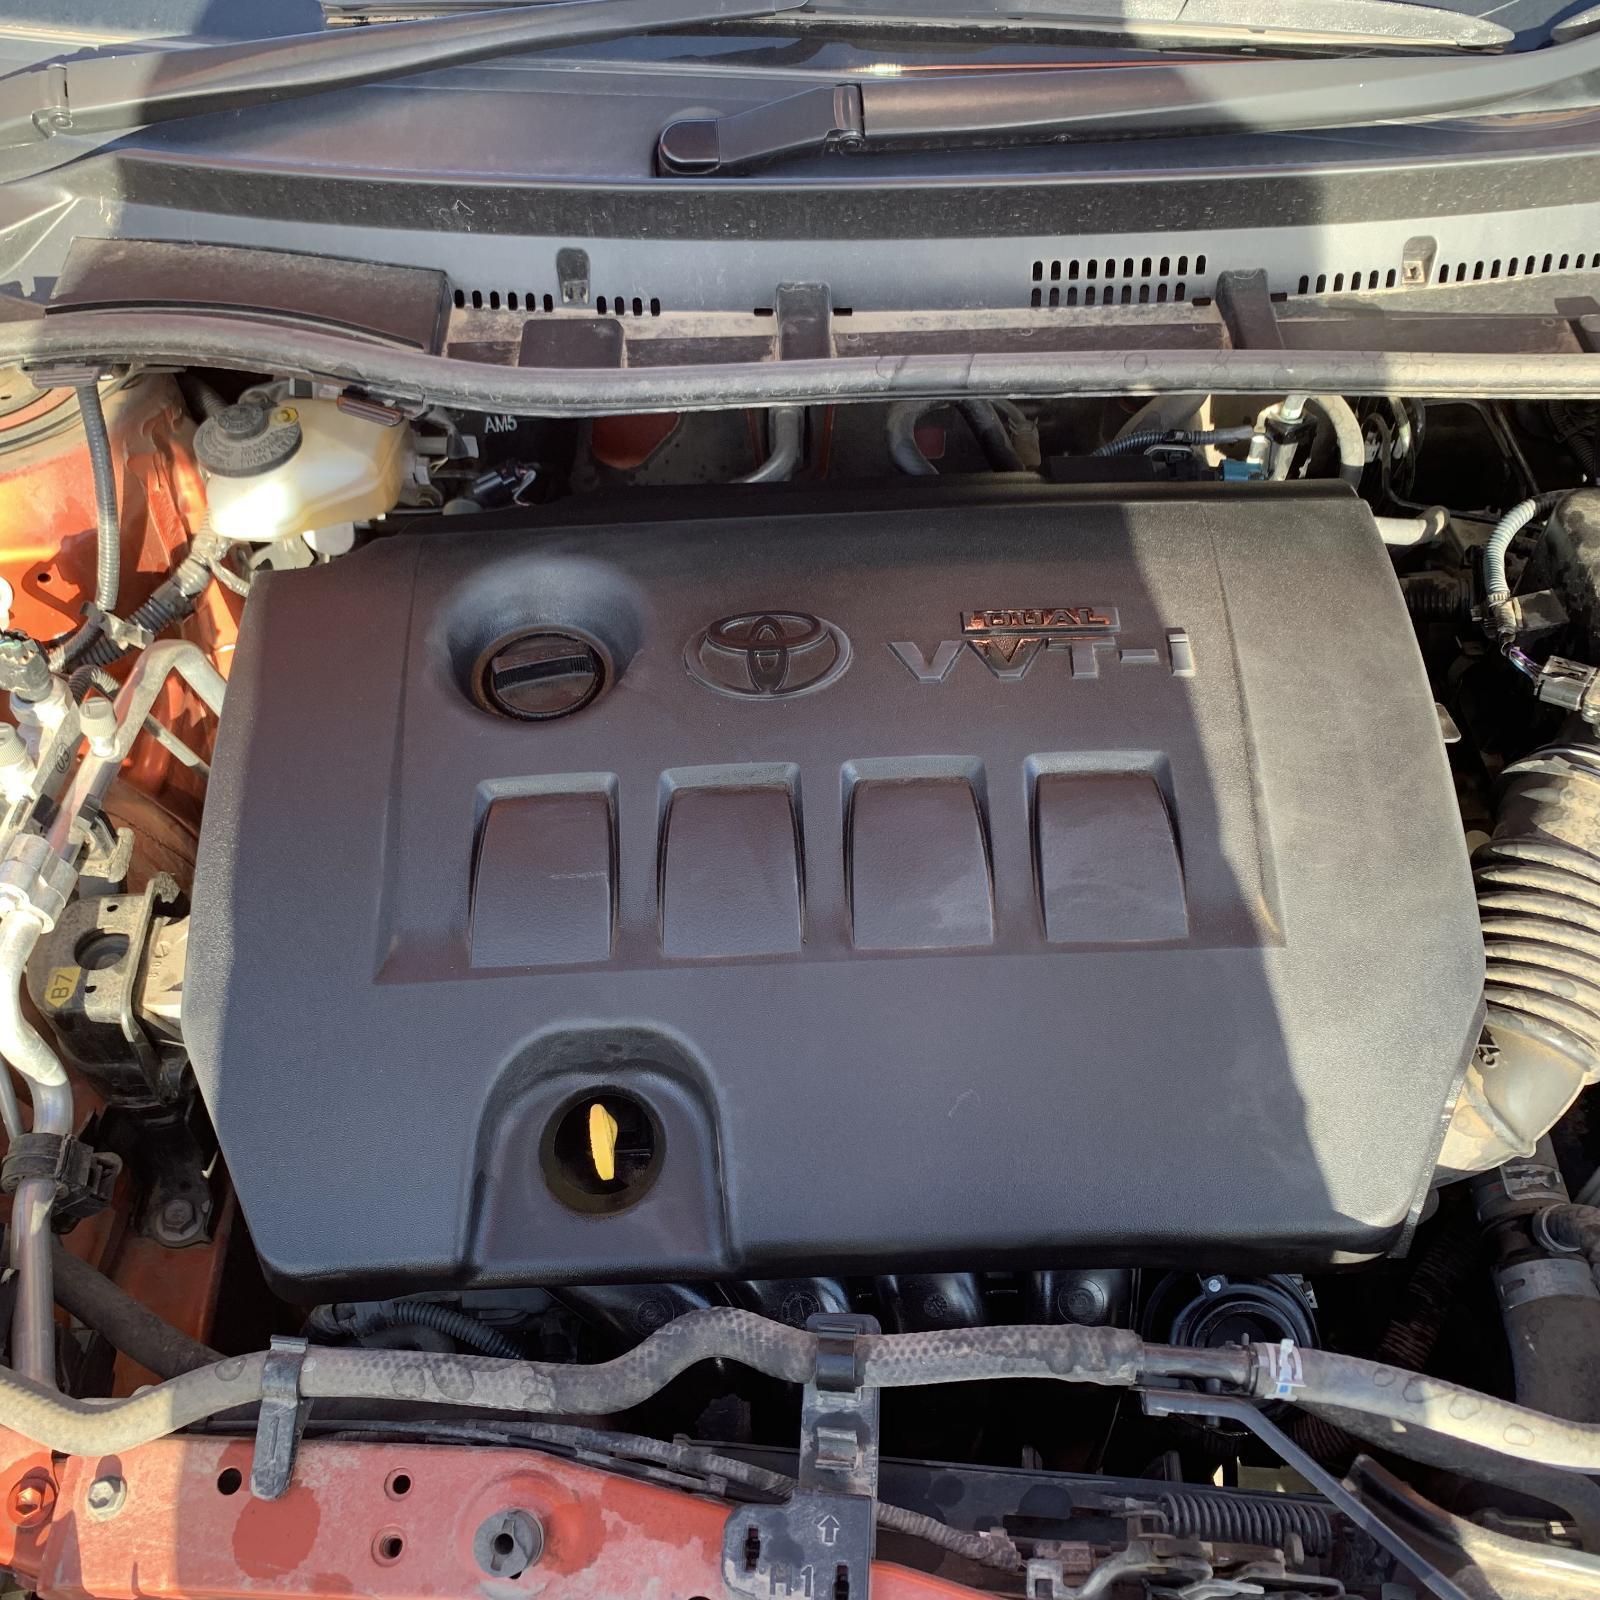 TOYOTA COROLLA, Engine, PETROL, 1.8, 2ZR-FE, ZRE172/182R, 03/15-